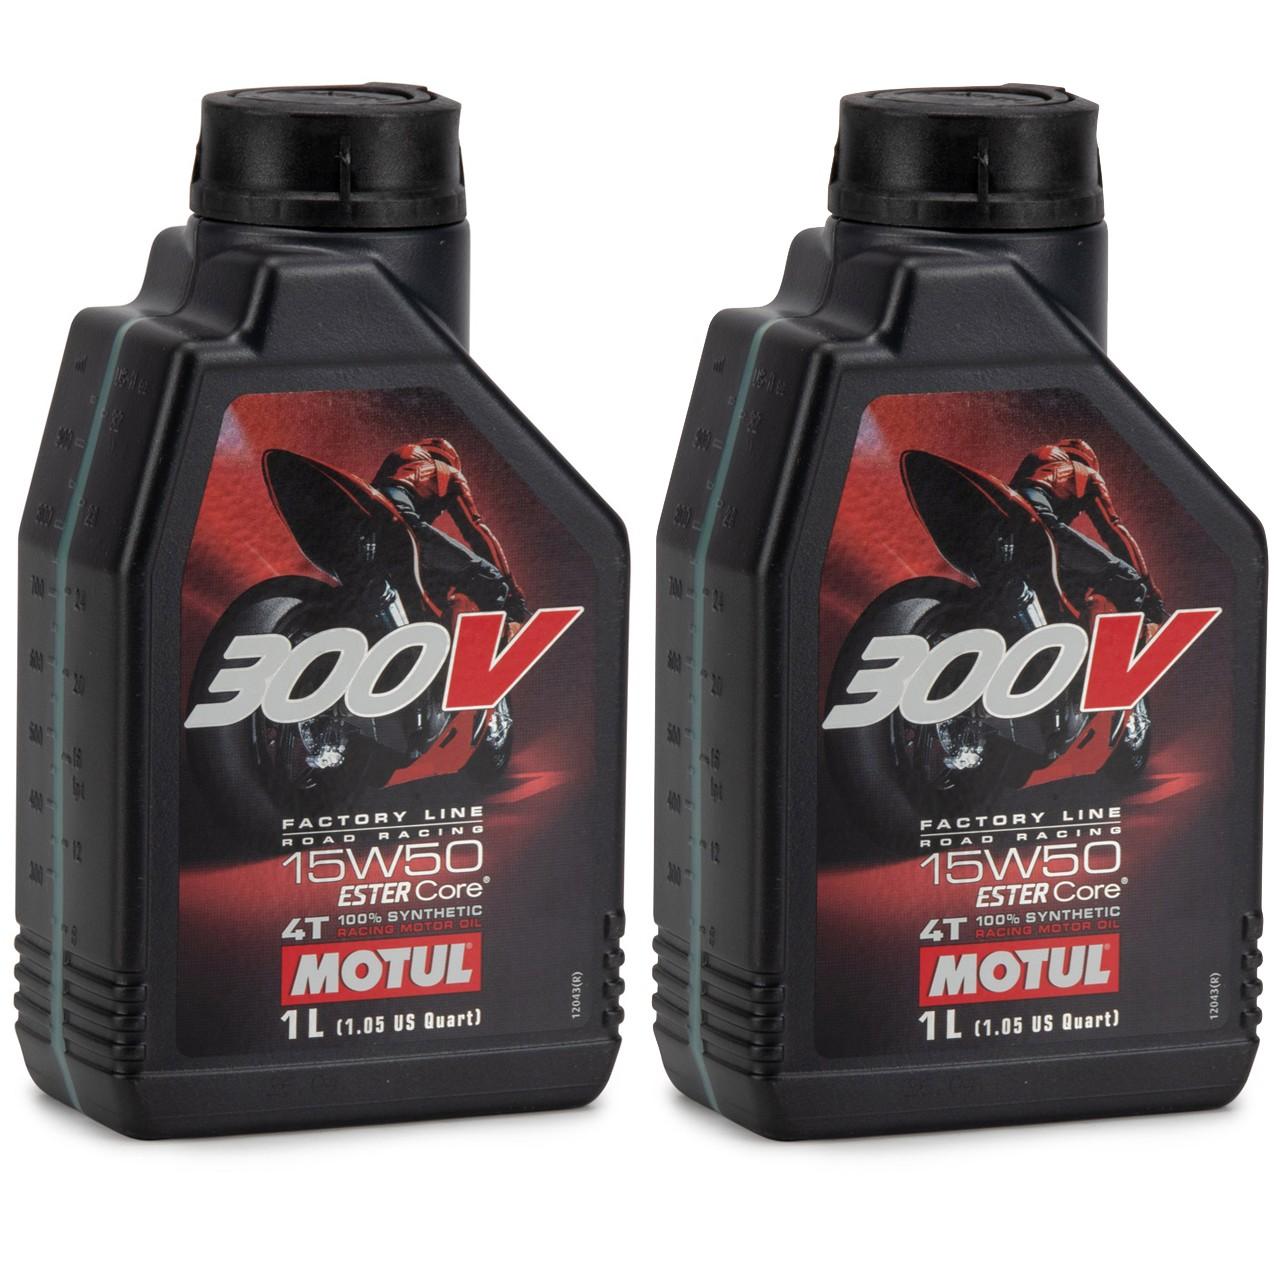 MOTUL 300 V 4T 4-TAKT Factory Line Ester Core Motoröl ÖL 15W50 Motorrad 2 Liter